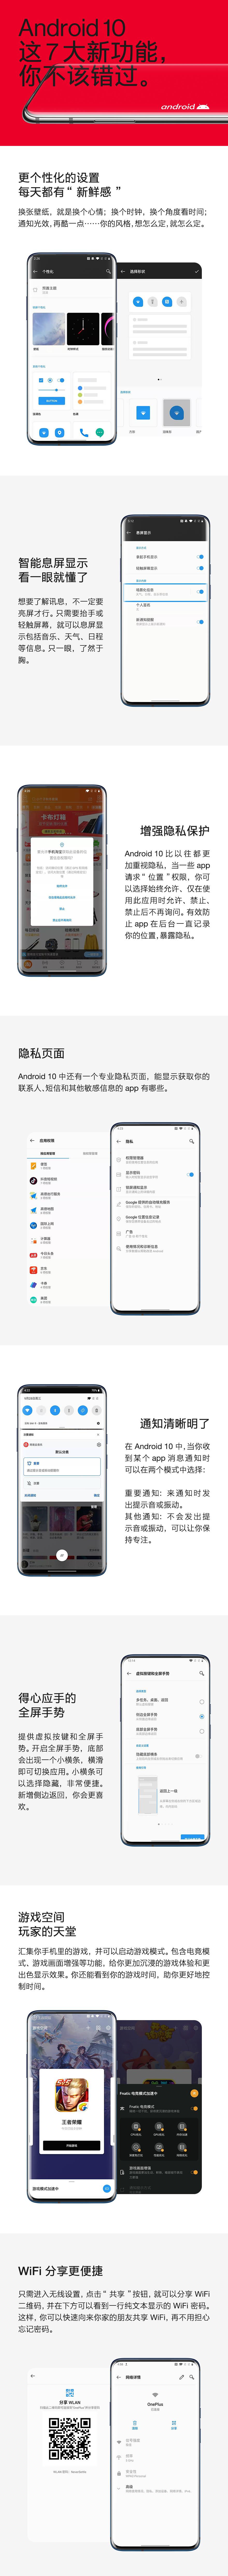 Android-7-大新功能.jpg